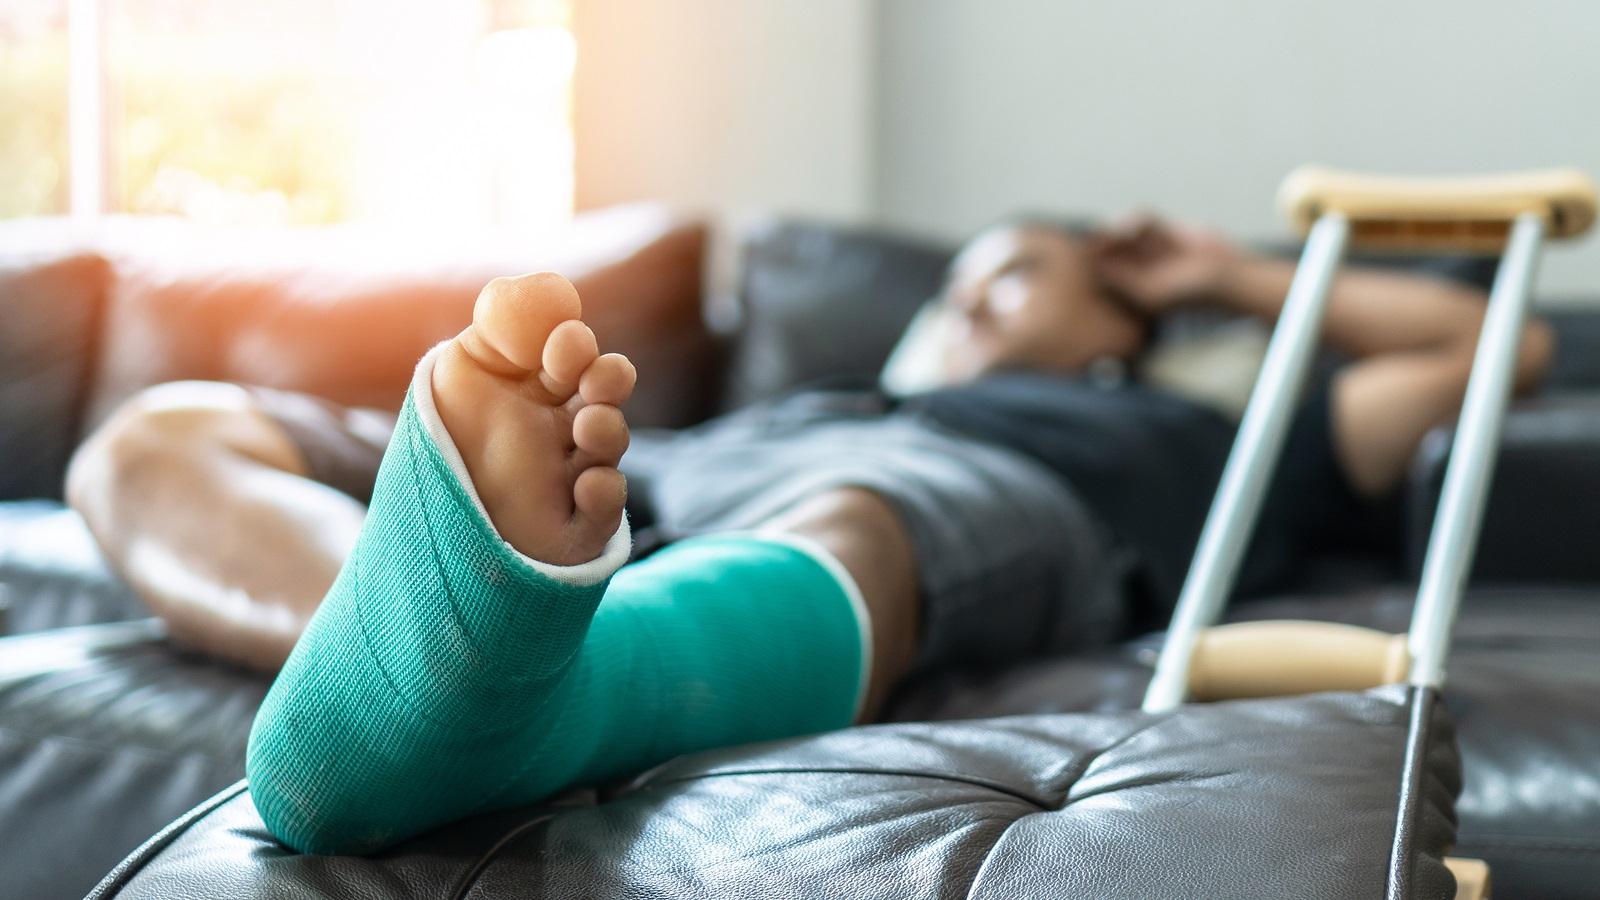 settlement for broken bone in NV hospital